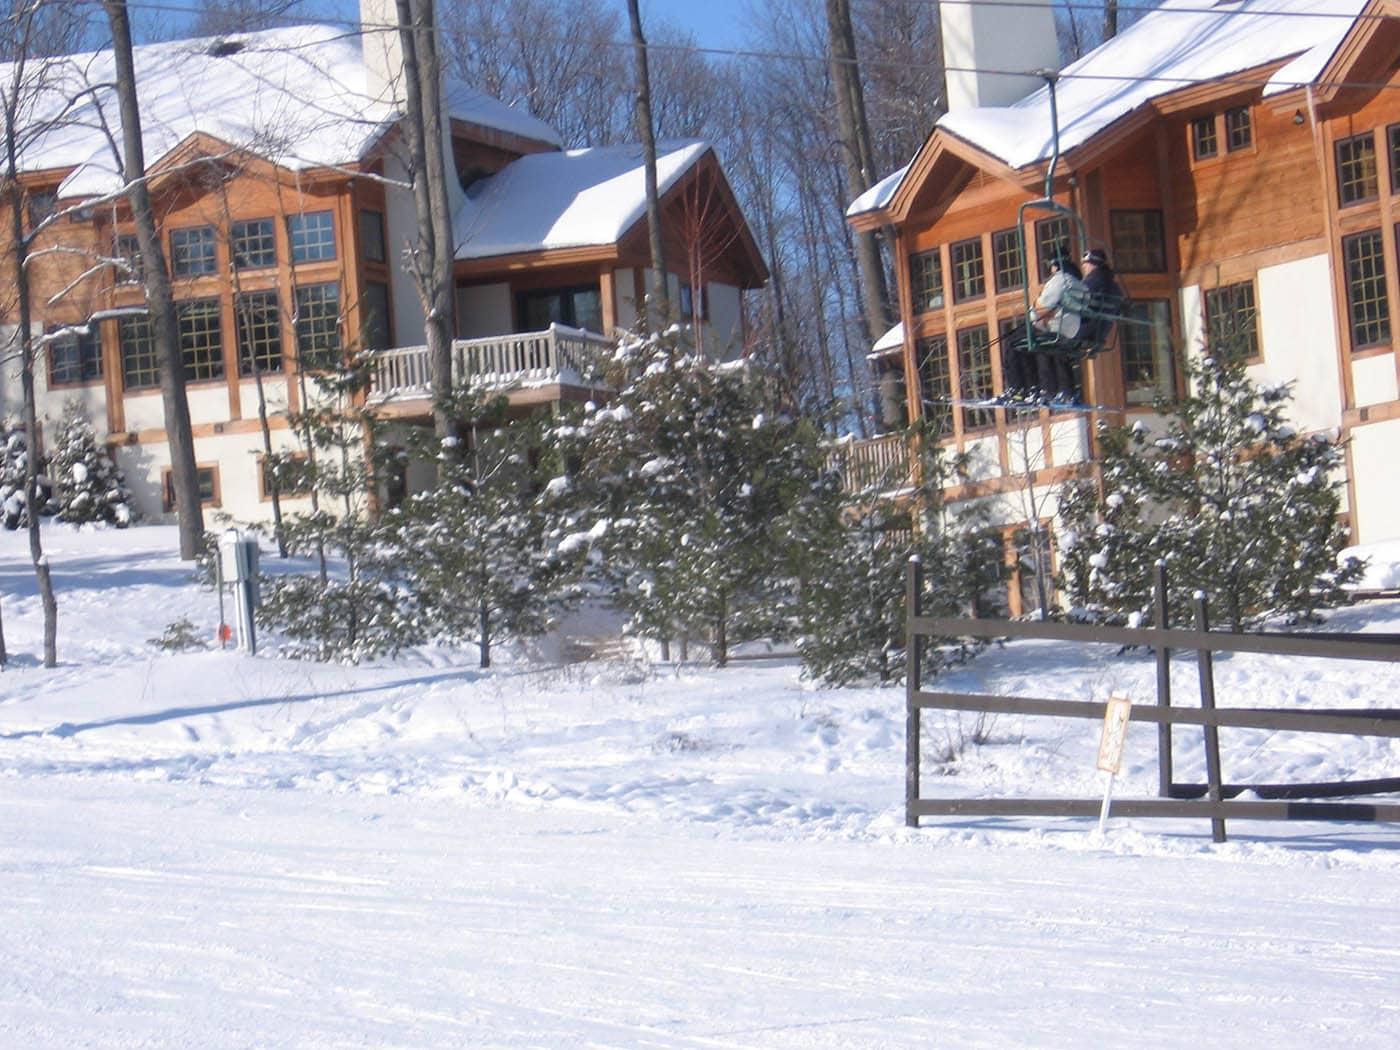 Matt and Matt on the ski lift on our Ski Trip in Petoskey, Michigan